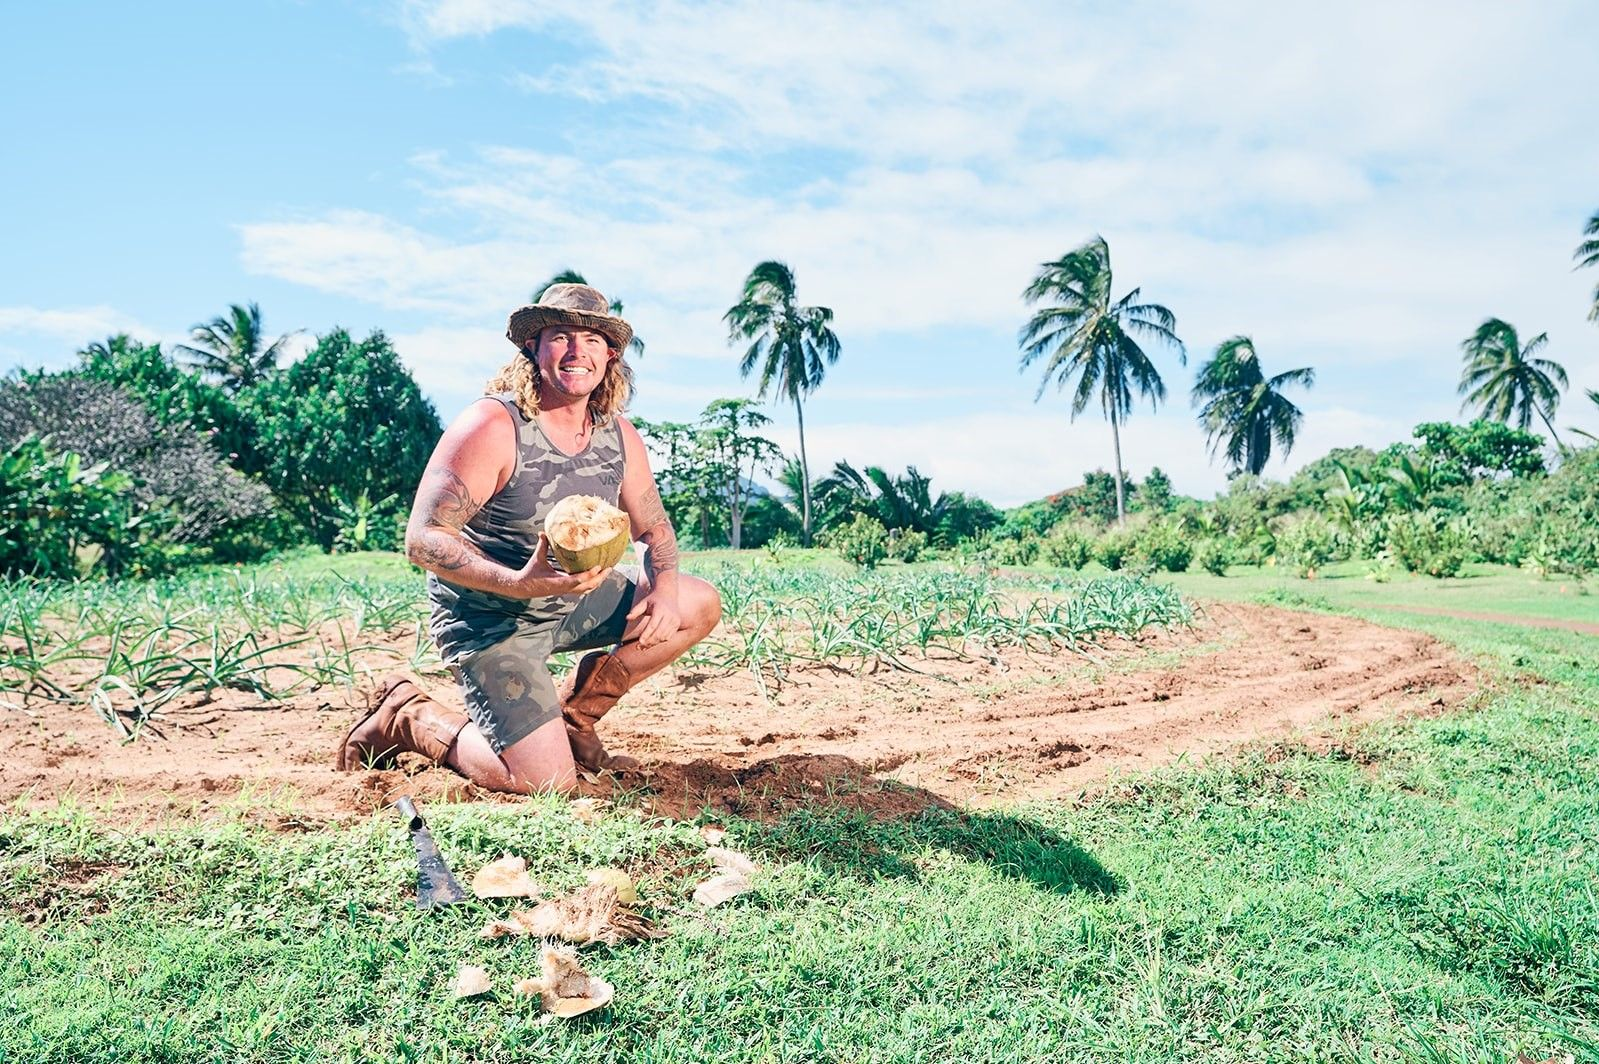 timbers-kauai-farm-photography-afewgoodclicks 79_websize